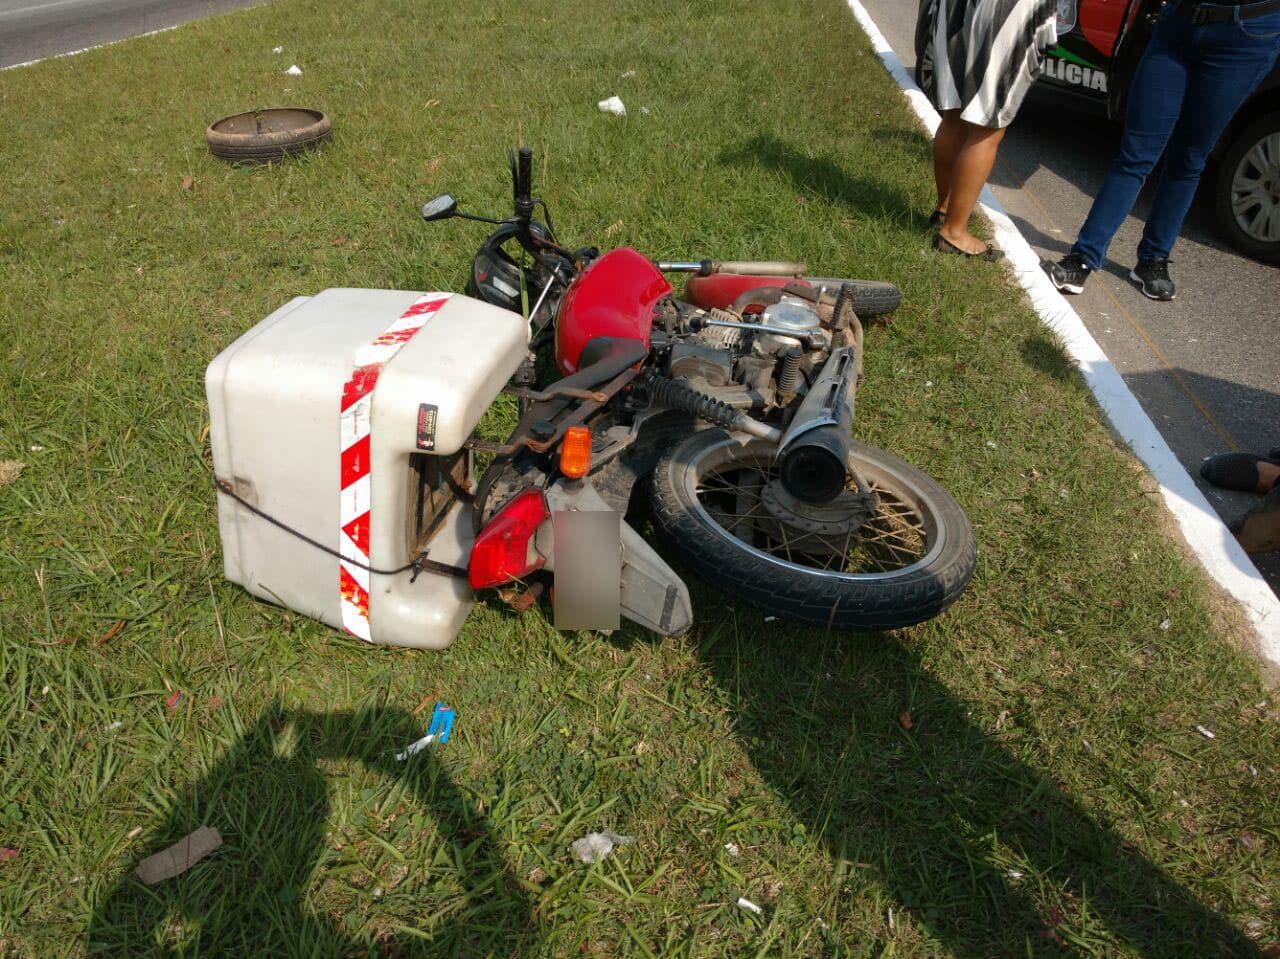 Mulher é atropelada na faixa de pedestres por motocicleta em Ingleses